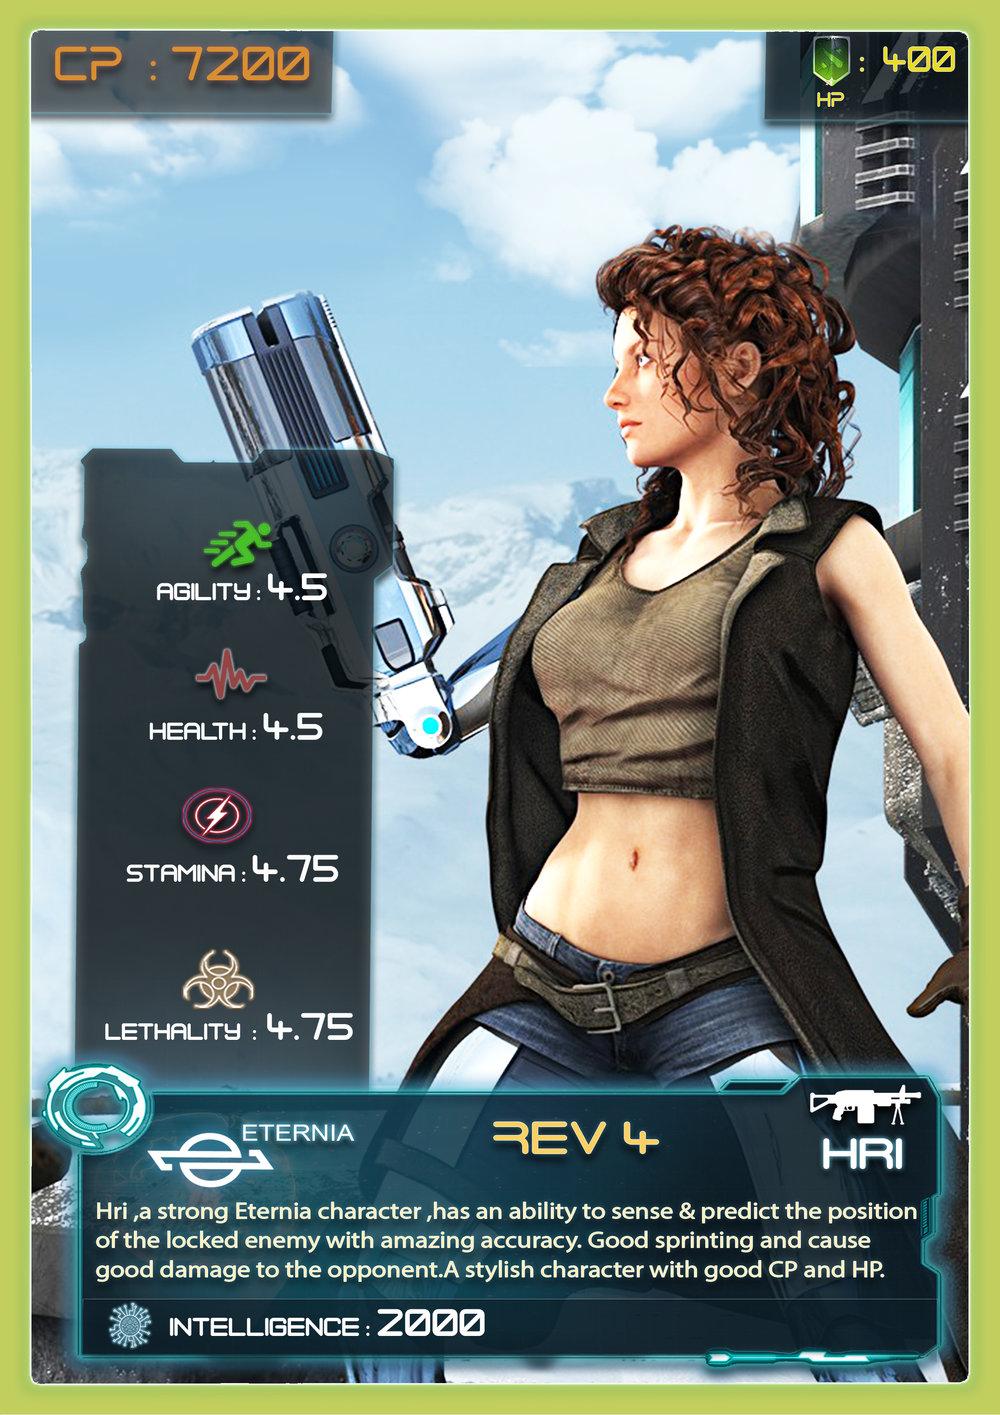 Hri_Level4.jpg